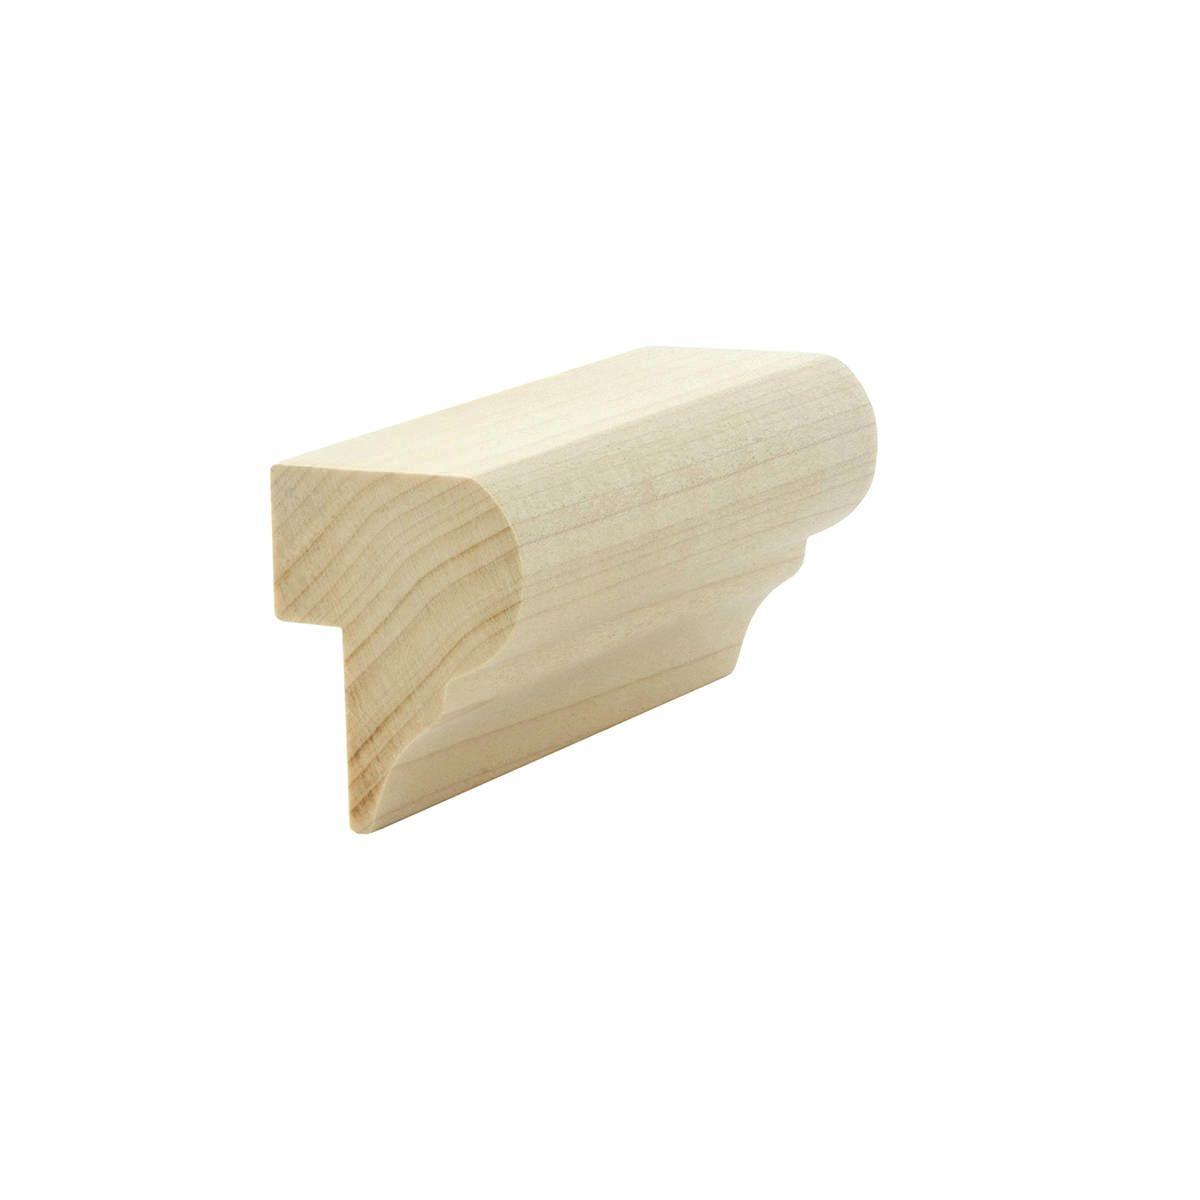 1 3 8 X 1 3 4 Poplar Chair Rail Wainscote Cap B405 Chair Rail Kids Desk Chair White Leather Dining Chairs